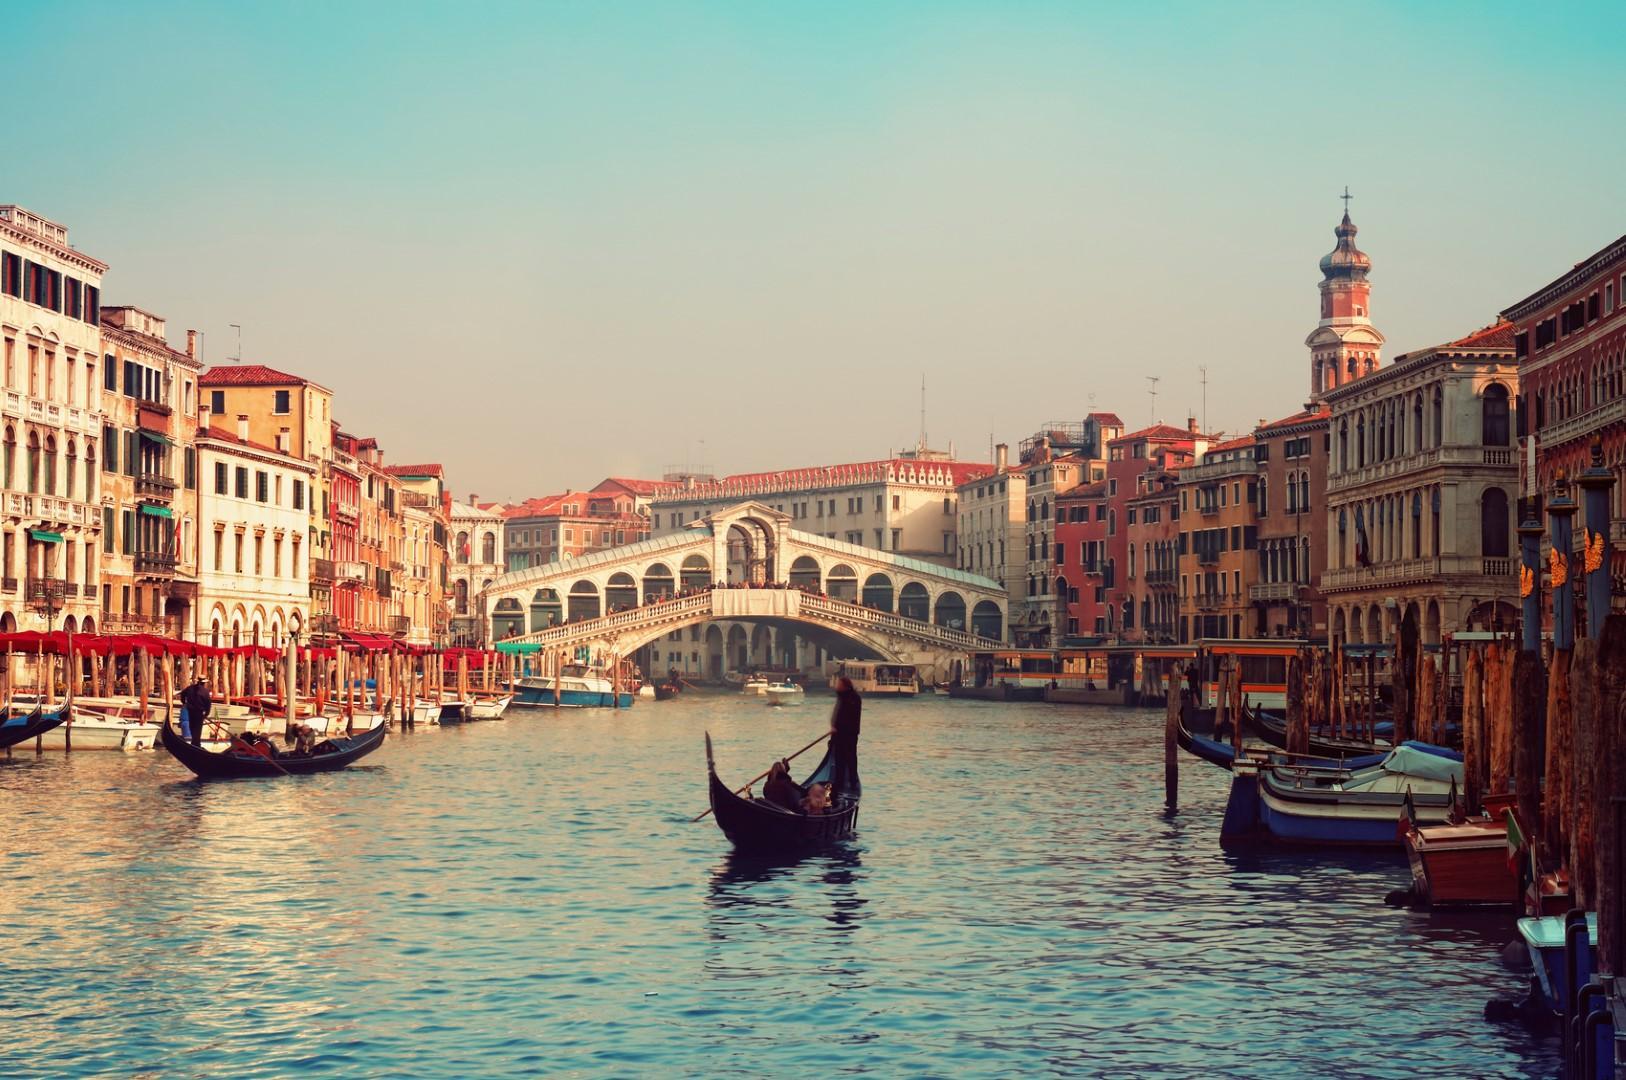 Le citt pi belle del mondo tra acque e canali tgcom24 for Le migliori citta del mondo